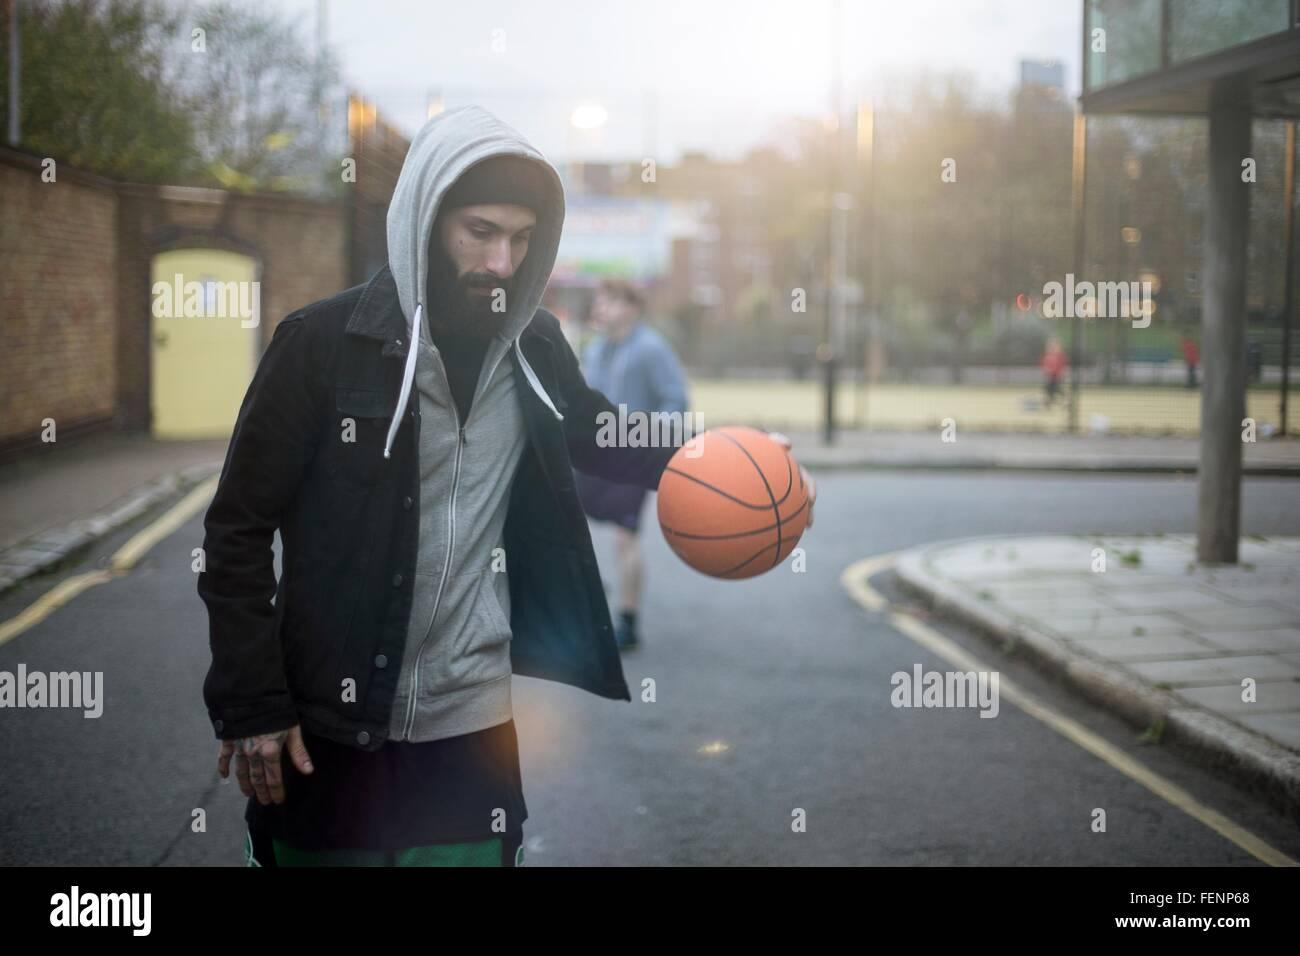 Mitte erwachsenen Mann zu Fuß entlang der Straße, Basketball Prellen Stockbild